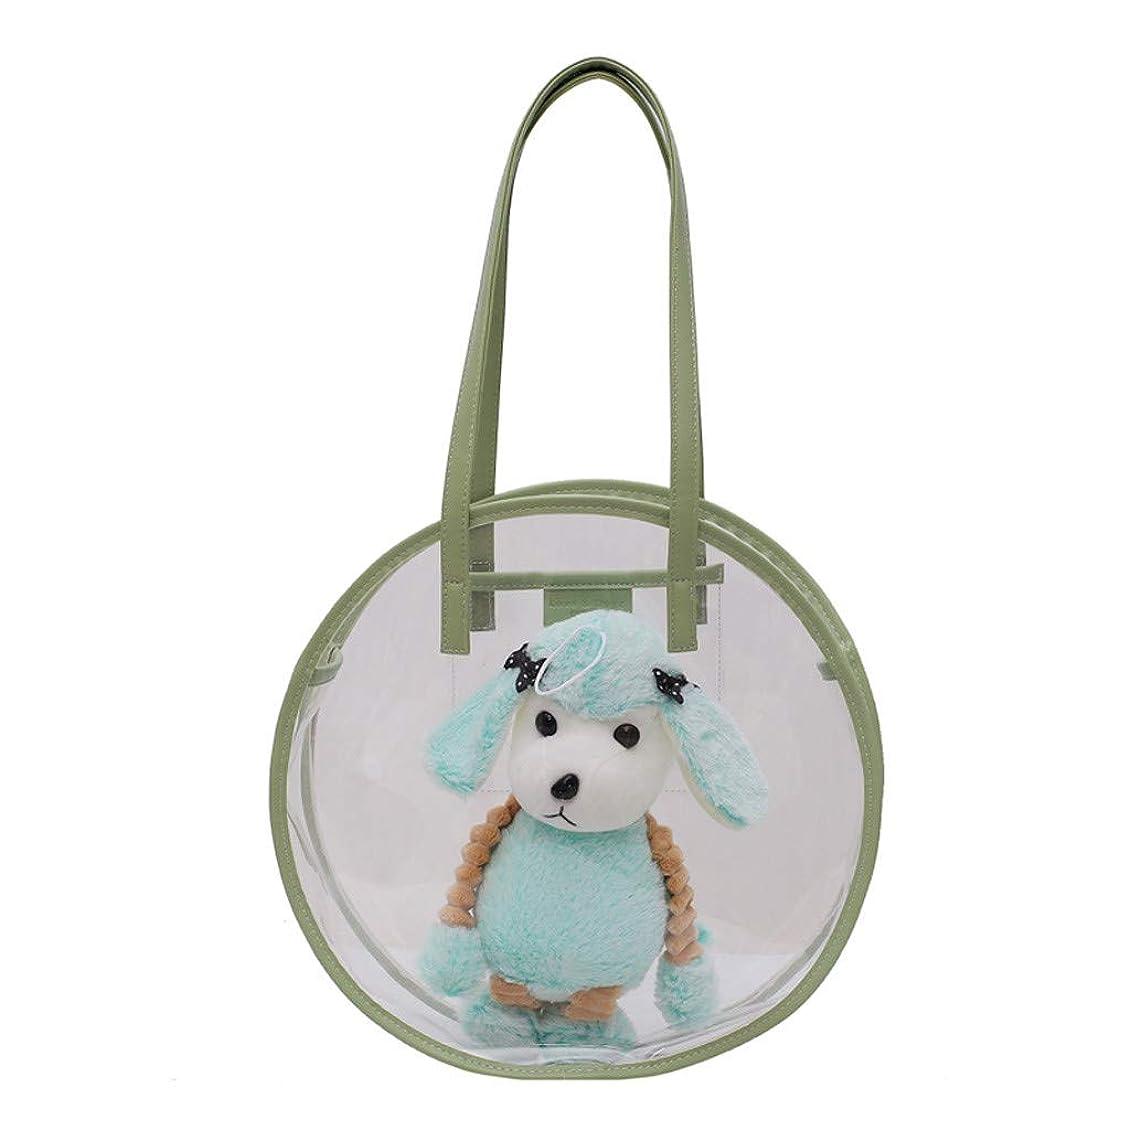 上級燃料側面かわいいファッション 犬の特徴 透明防水 ビーチバッグ ポータブル 透明化粧品バッグ 旅行用メイクポーチ ジッパー 防水 トートバッグ 取り外し可能 調整 33X9X33cm 3色